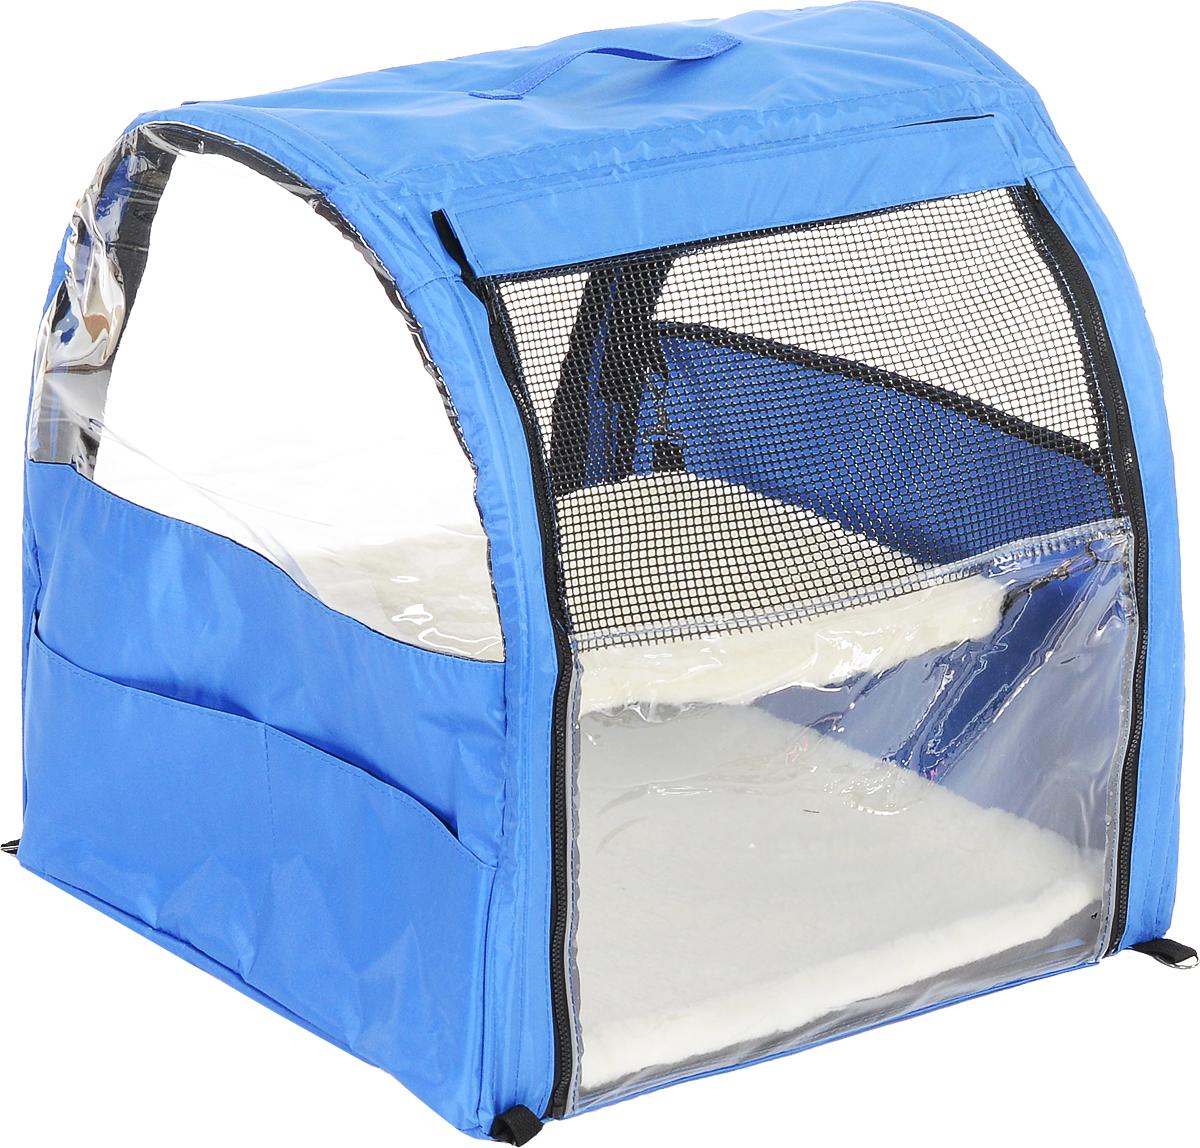 Клетка для животных Заря-Плюс, выставочная, цвет: голубой, черный, 51 х 58 х 55 смКВП1гКлетка для животных Заря-Плюс предназначена для показа кошек и собак на выставках. Она изготовлена из плотного текстиля и имеет полукруглую форму. Каркас состоит из дуг. Лицевая сторона палатки выполнена из пленки, которая может полностью отстегиваться. Обратная сторона палатки выполнена наполовину из сетки, наполовину из пленки. С двух сторон клетки имеются вместительные карманы, куда вы можете положить все необходимое. Клетка снабжена съемной подстилкой и гамаком из искусственного меха. В собранном виде клетка довольно компактна, при хранении занимает мало места. Палатка переносится в чехле, который входит в комплект.